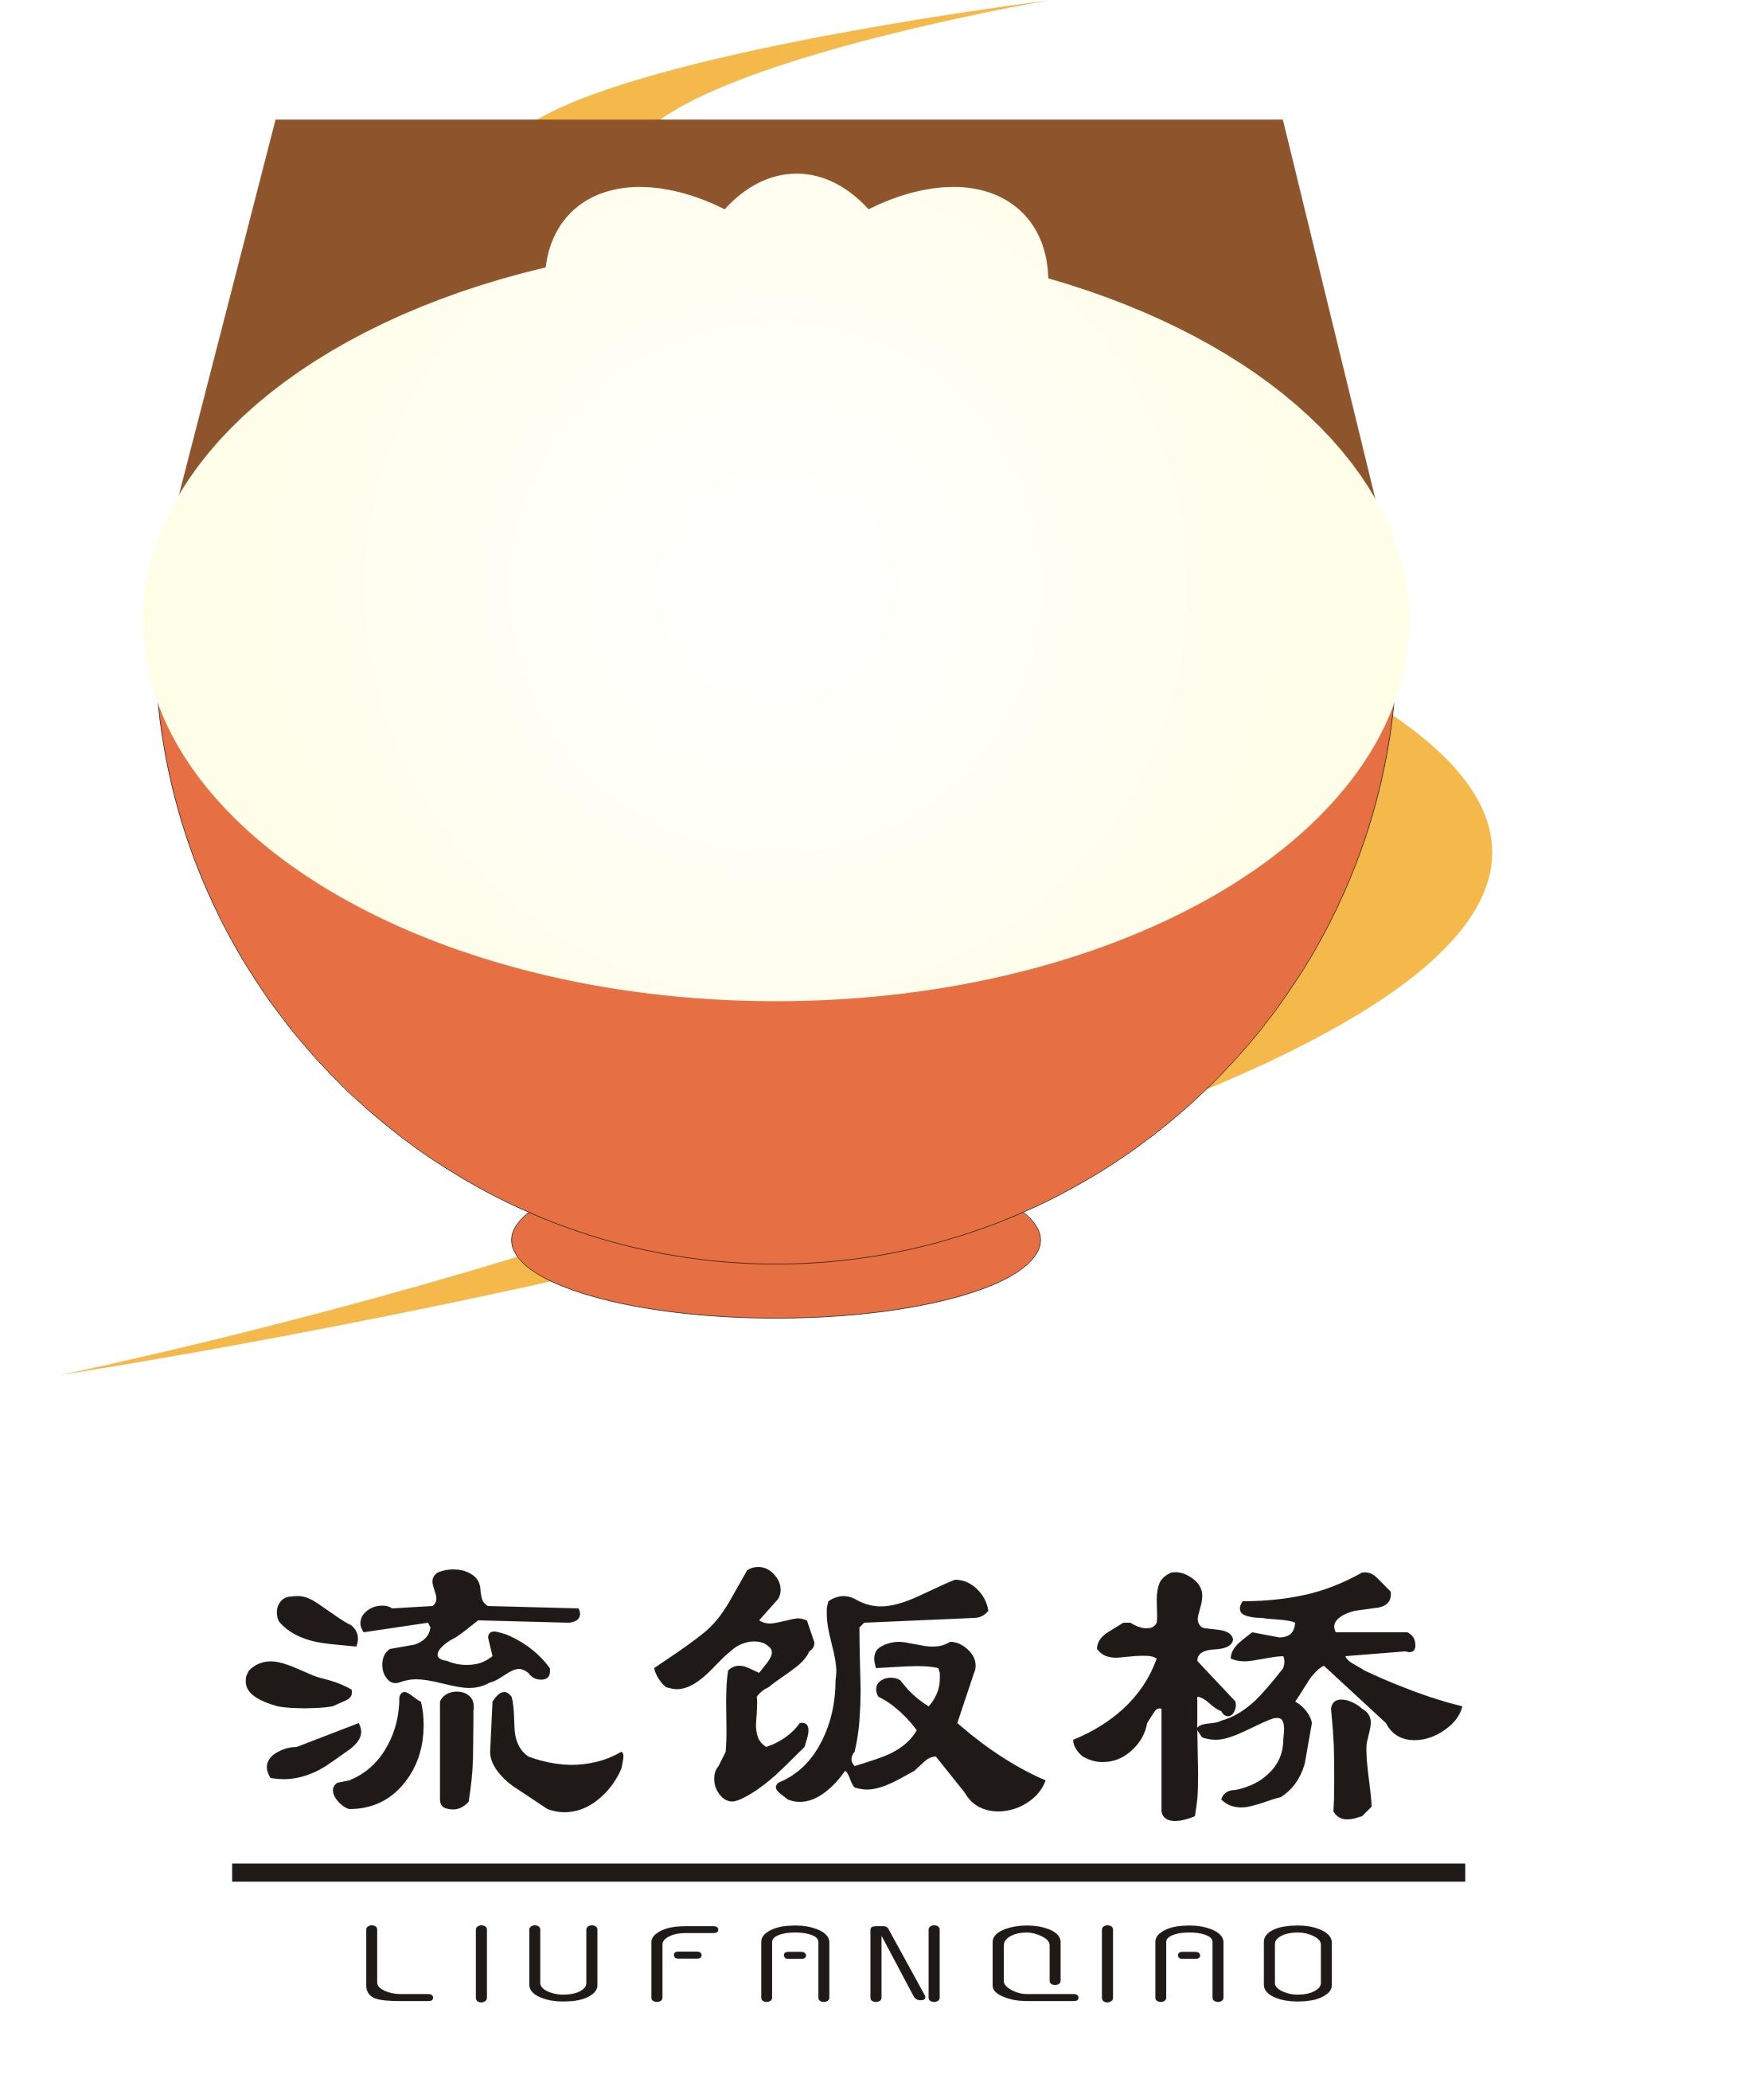 设计说明:单从看此图标后的感觉上,即能得到卖蒸包等主食的产品信息